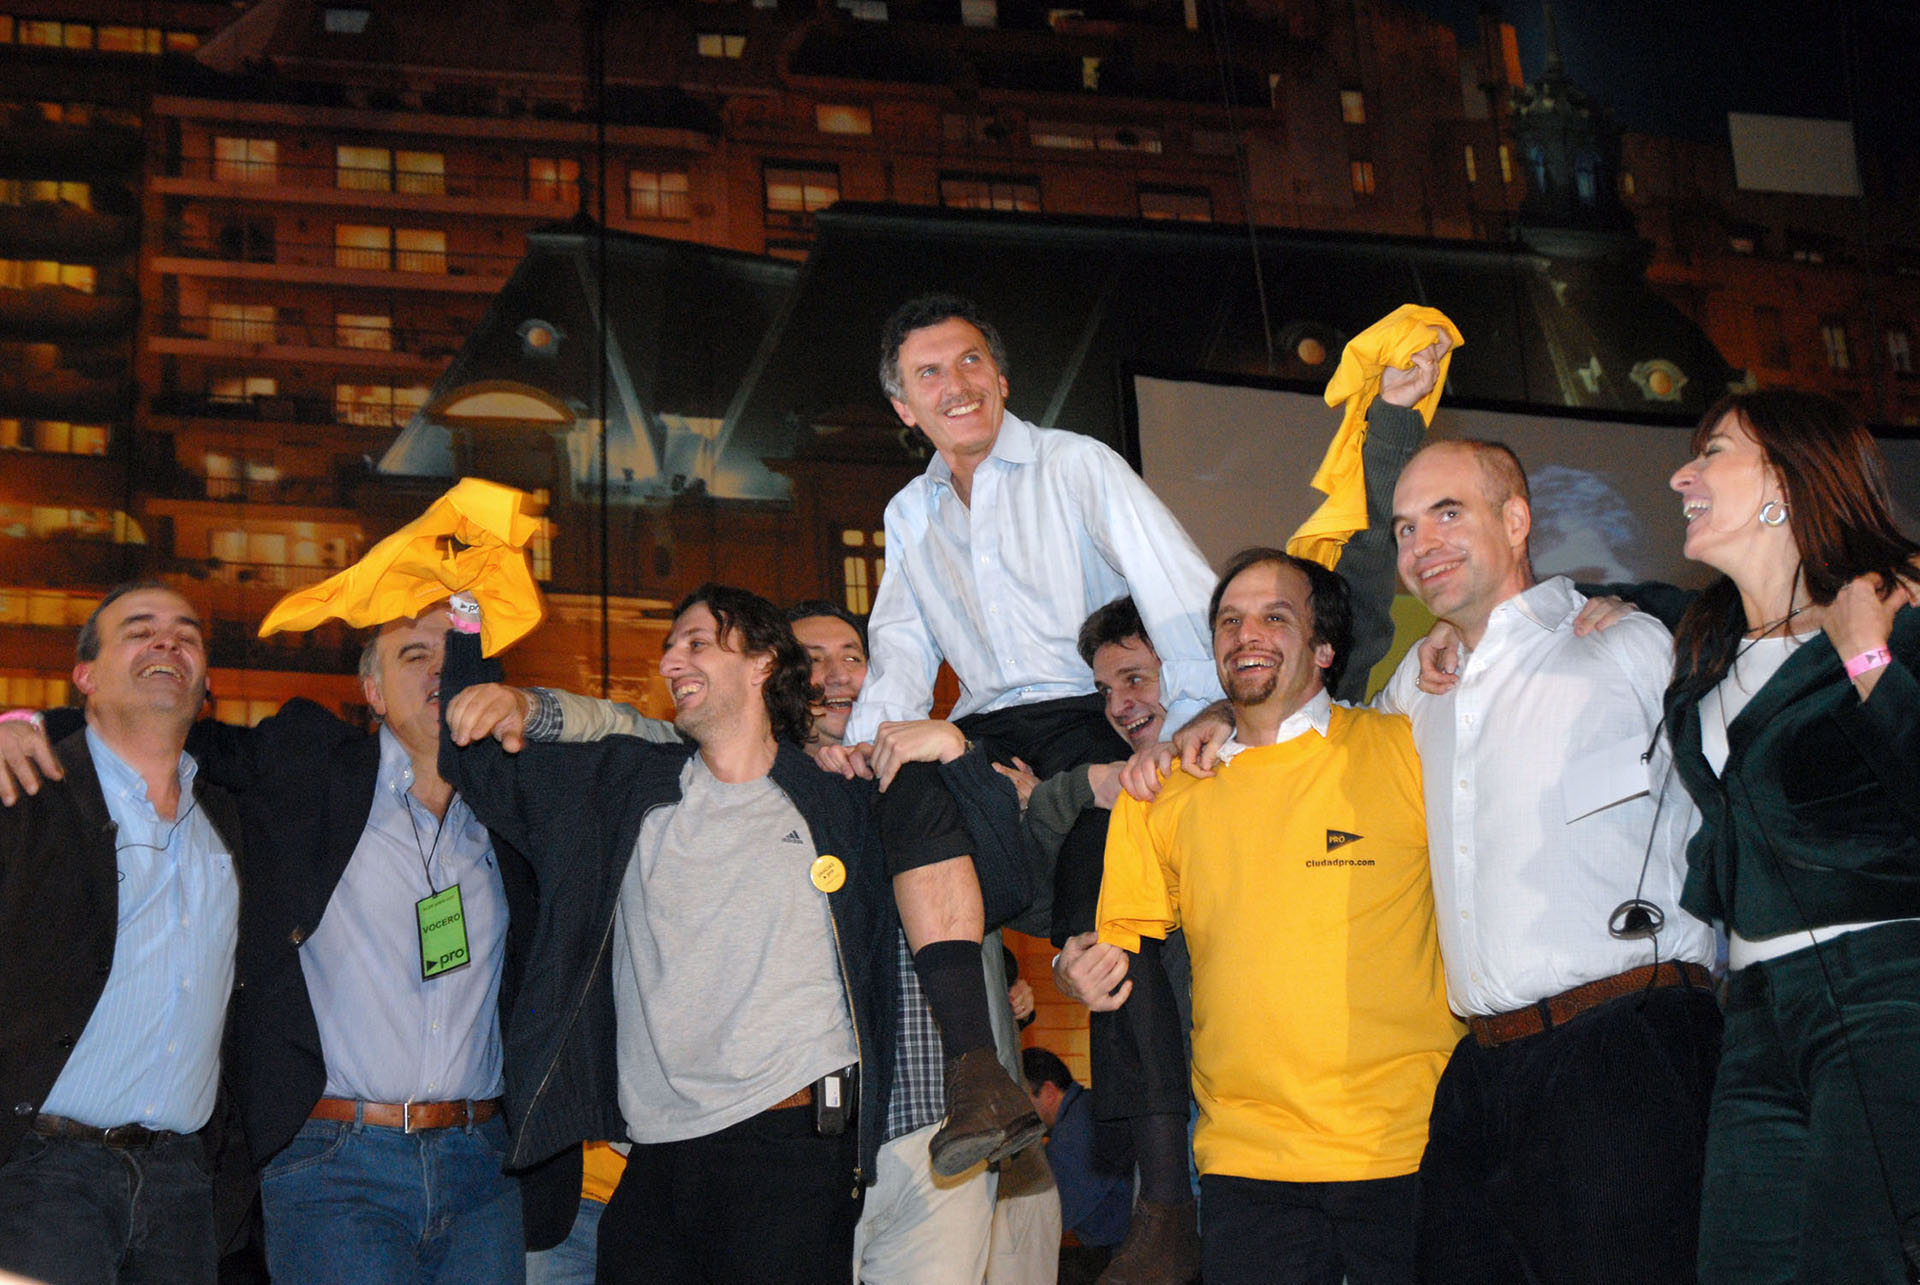 2007. Ya como líder del PRO, Macri festeja luego de consagrarse como Jefe de Gobierno tras imponerse sobre Daniel Filmus en segunda vuelta.